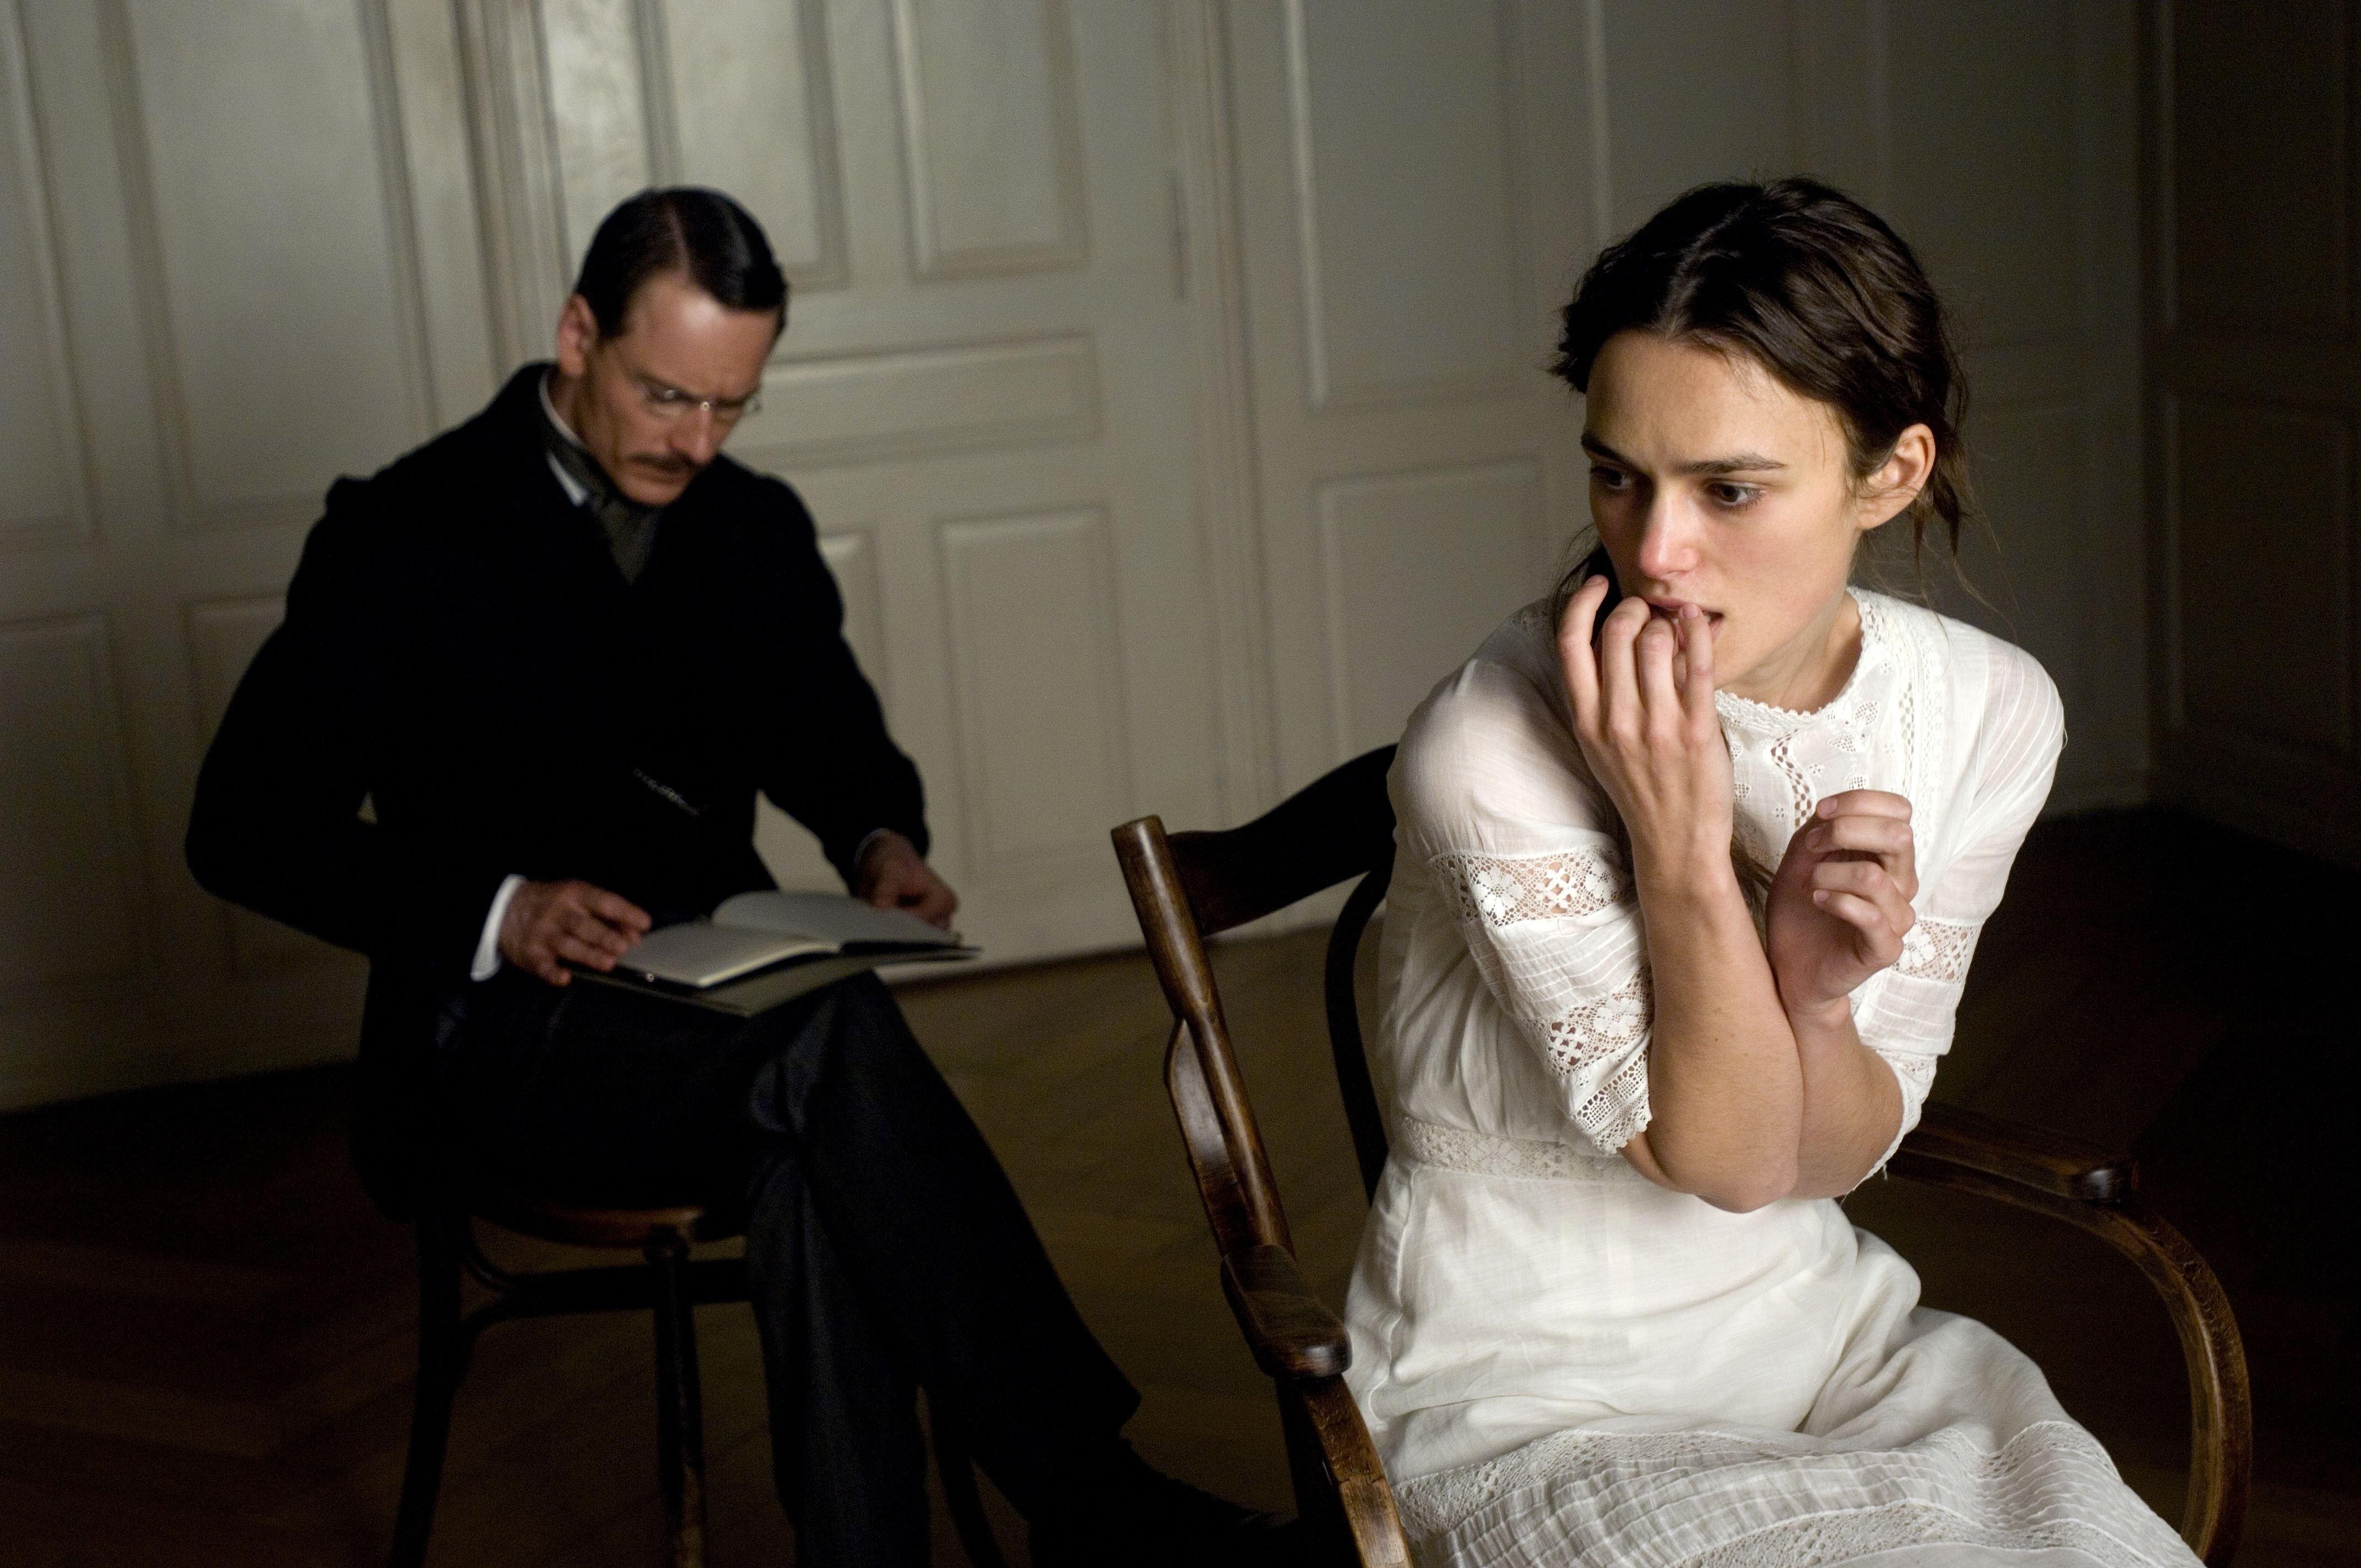 Тест: есть ли у тебя психологические проблемы?